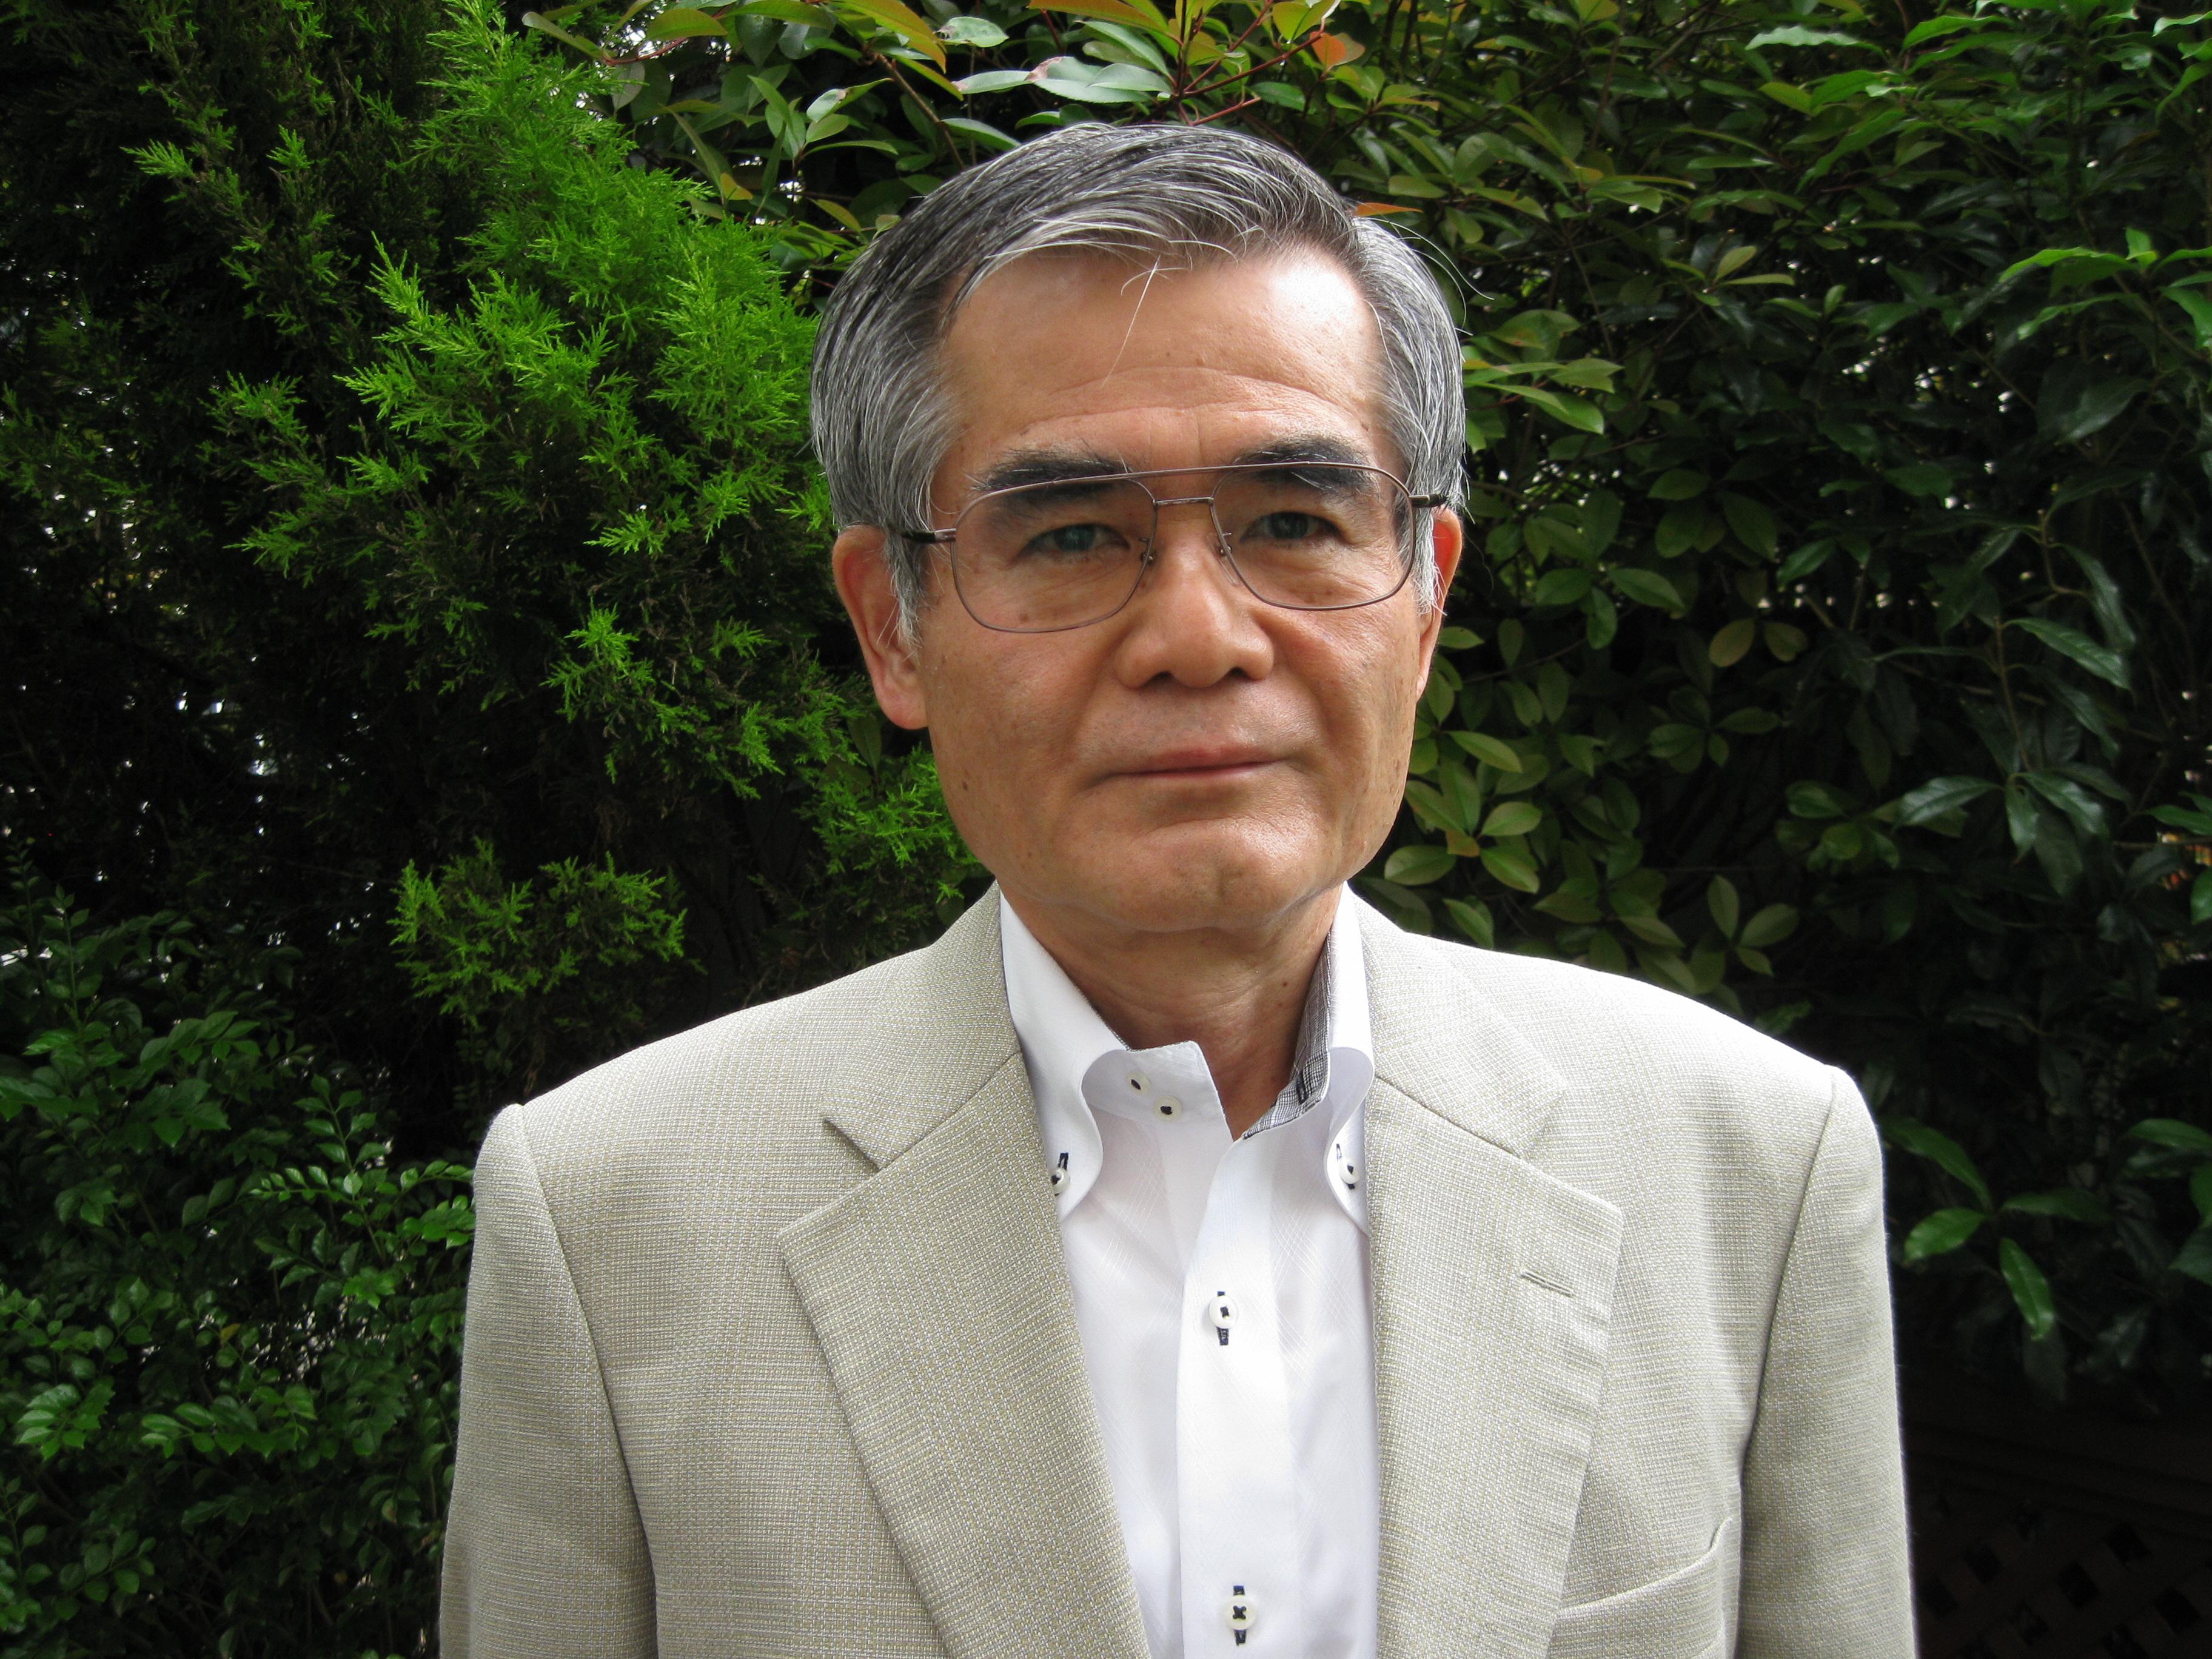 臼井敏男さんの顔写真